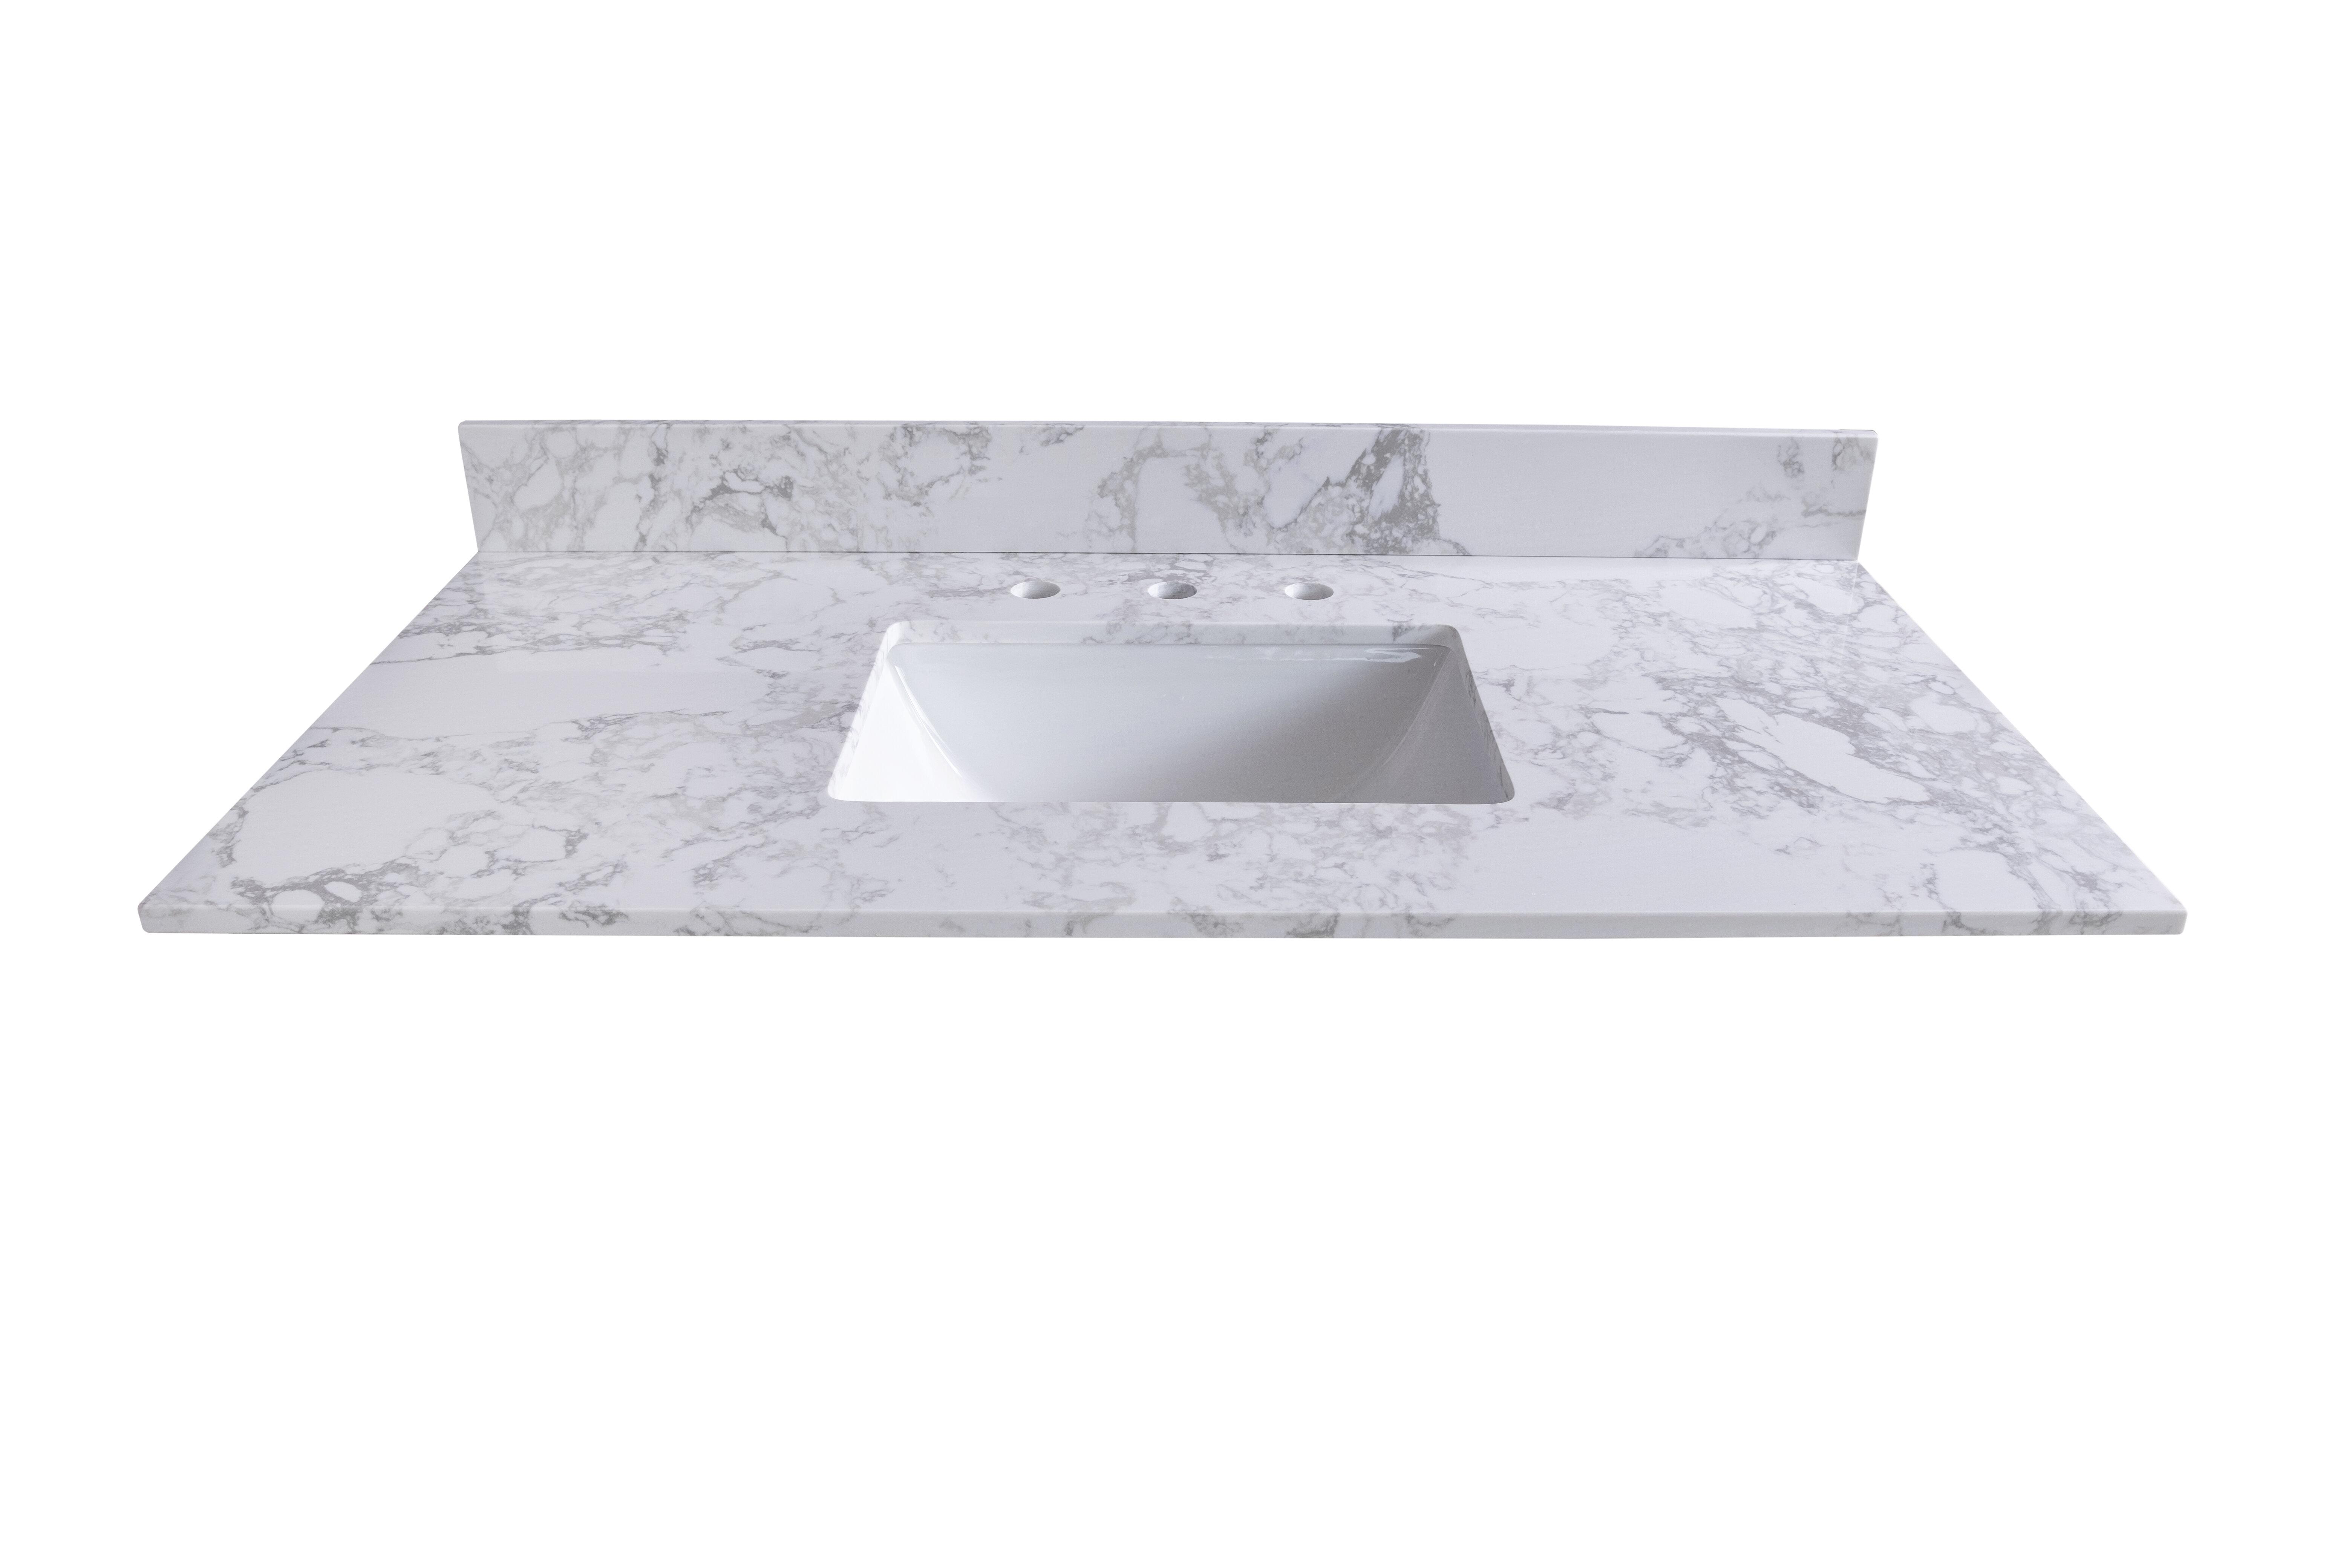 Kinwell 49 Single Bathroom Vanity Top In White With Sink Wayfair